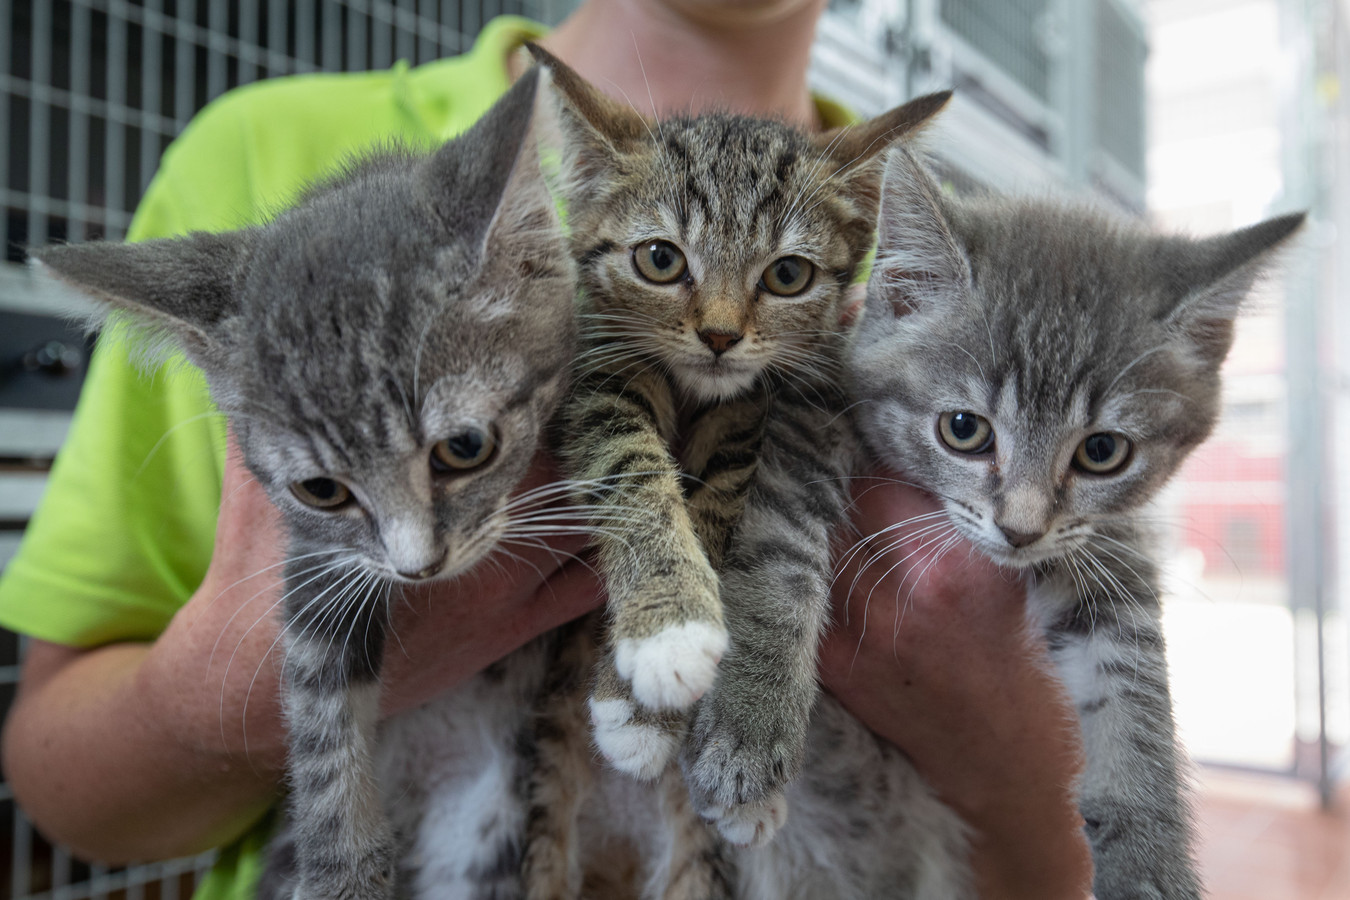 Vorig jaar had het dierenasiel in Kampen extreem veel kittens. Door de sluiting zit er nu geen enkel dier meer in de opvang.